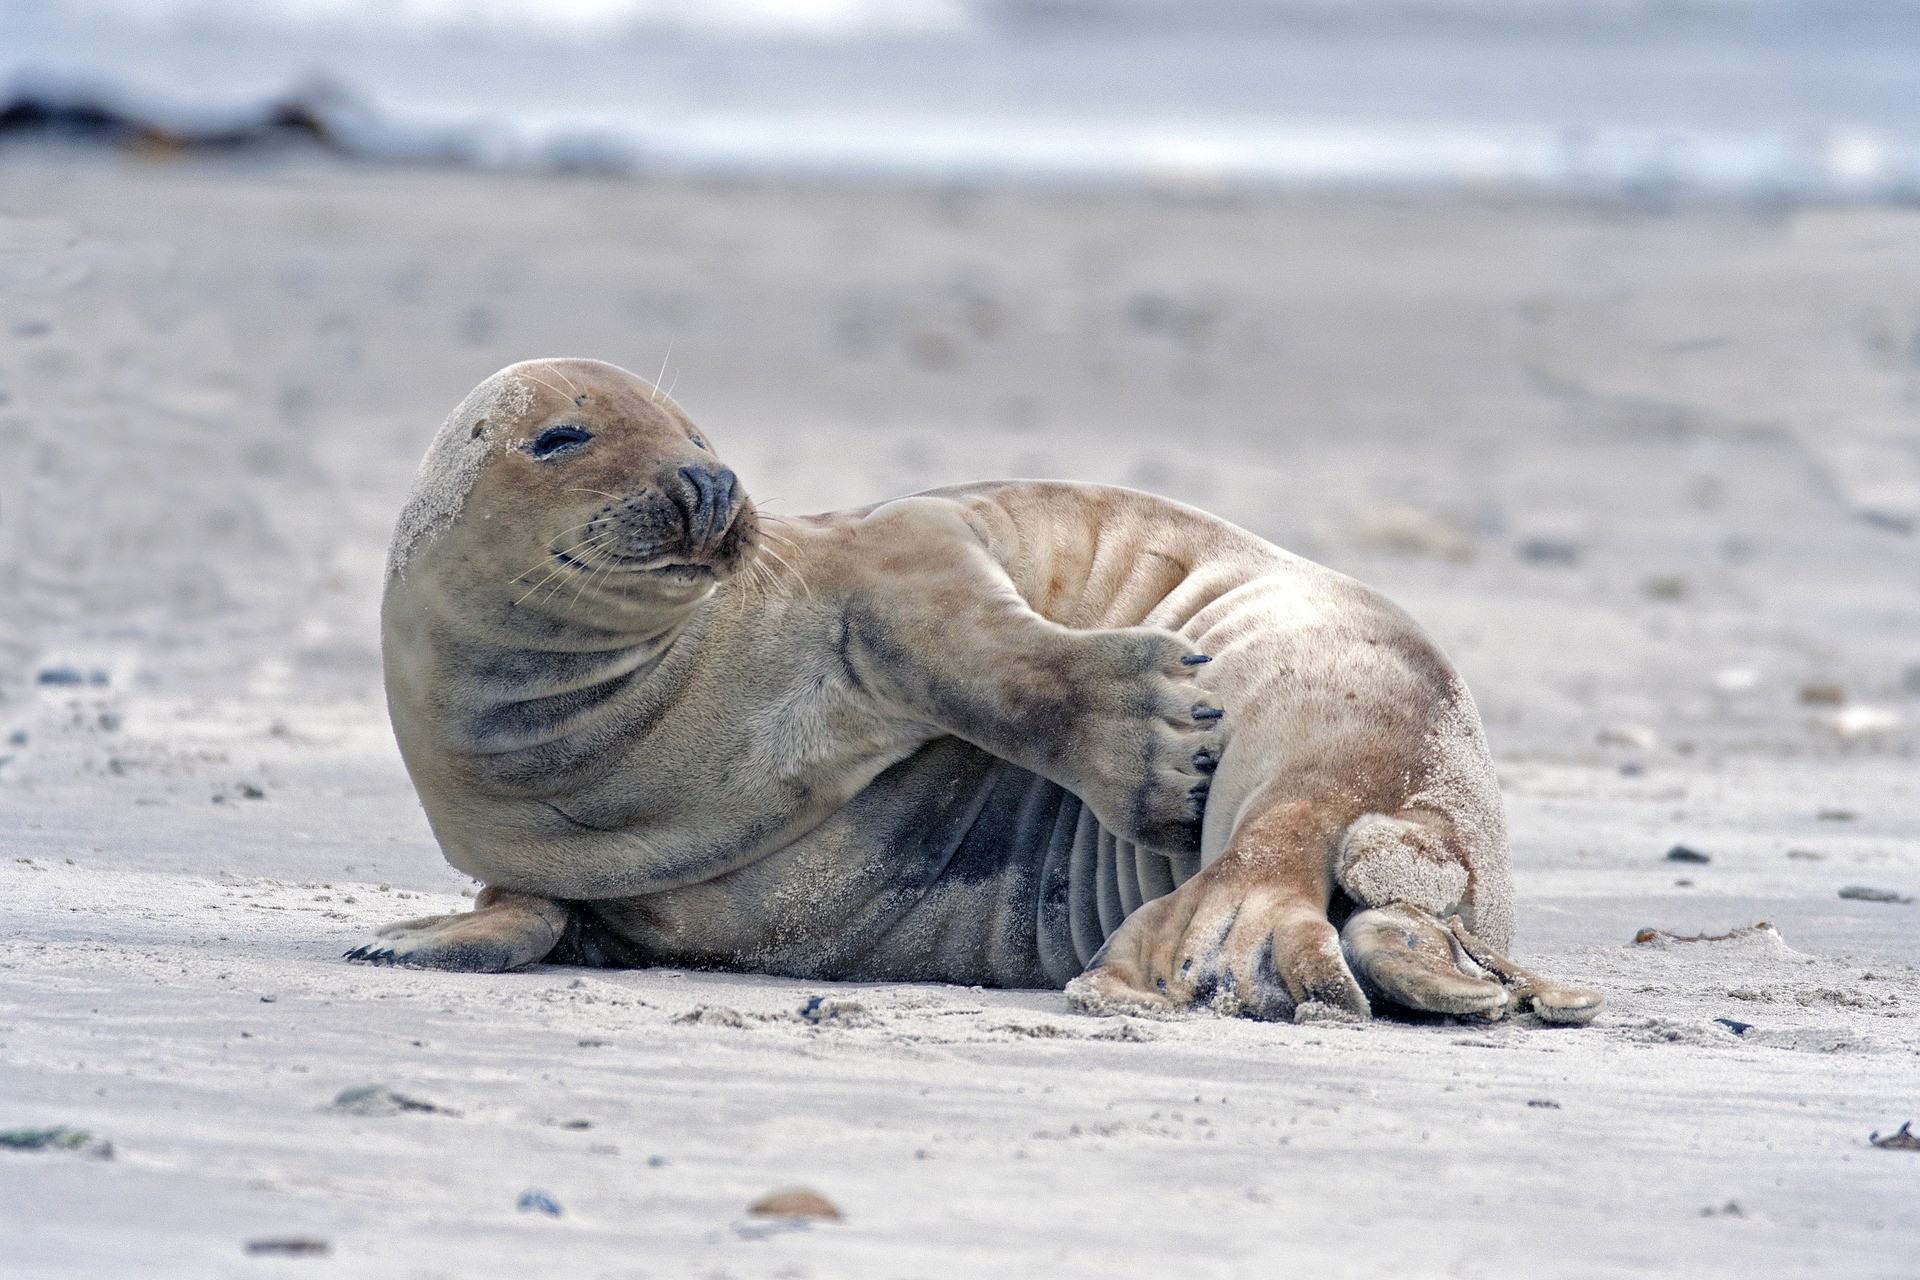 Прикольные картинки с тюленями, картинка лекарства авиационные